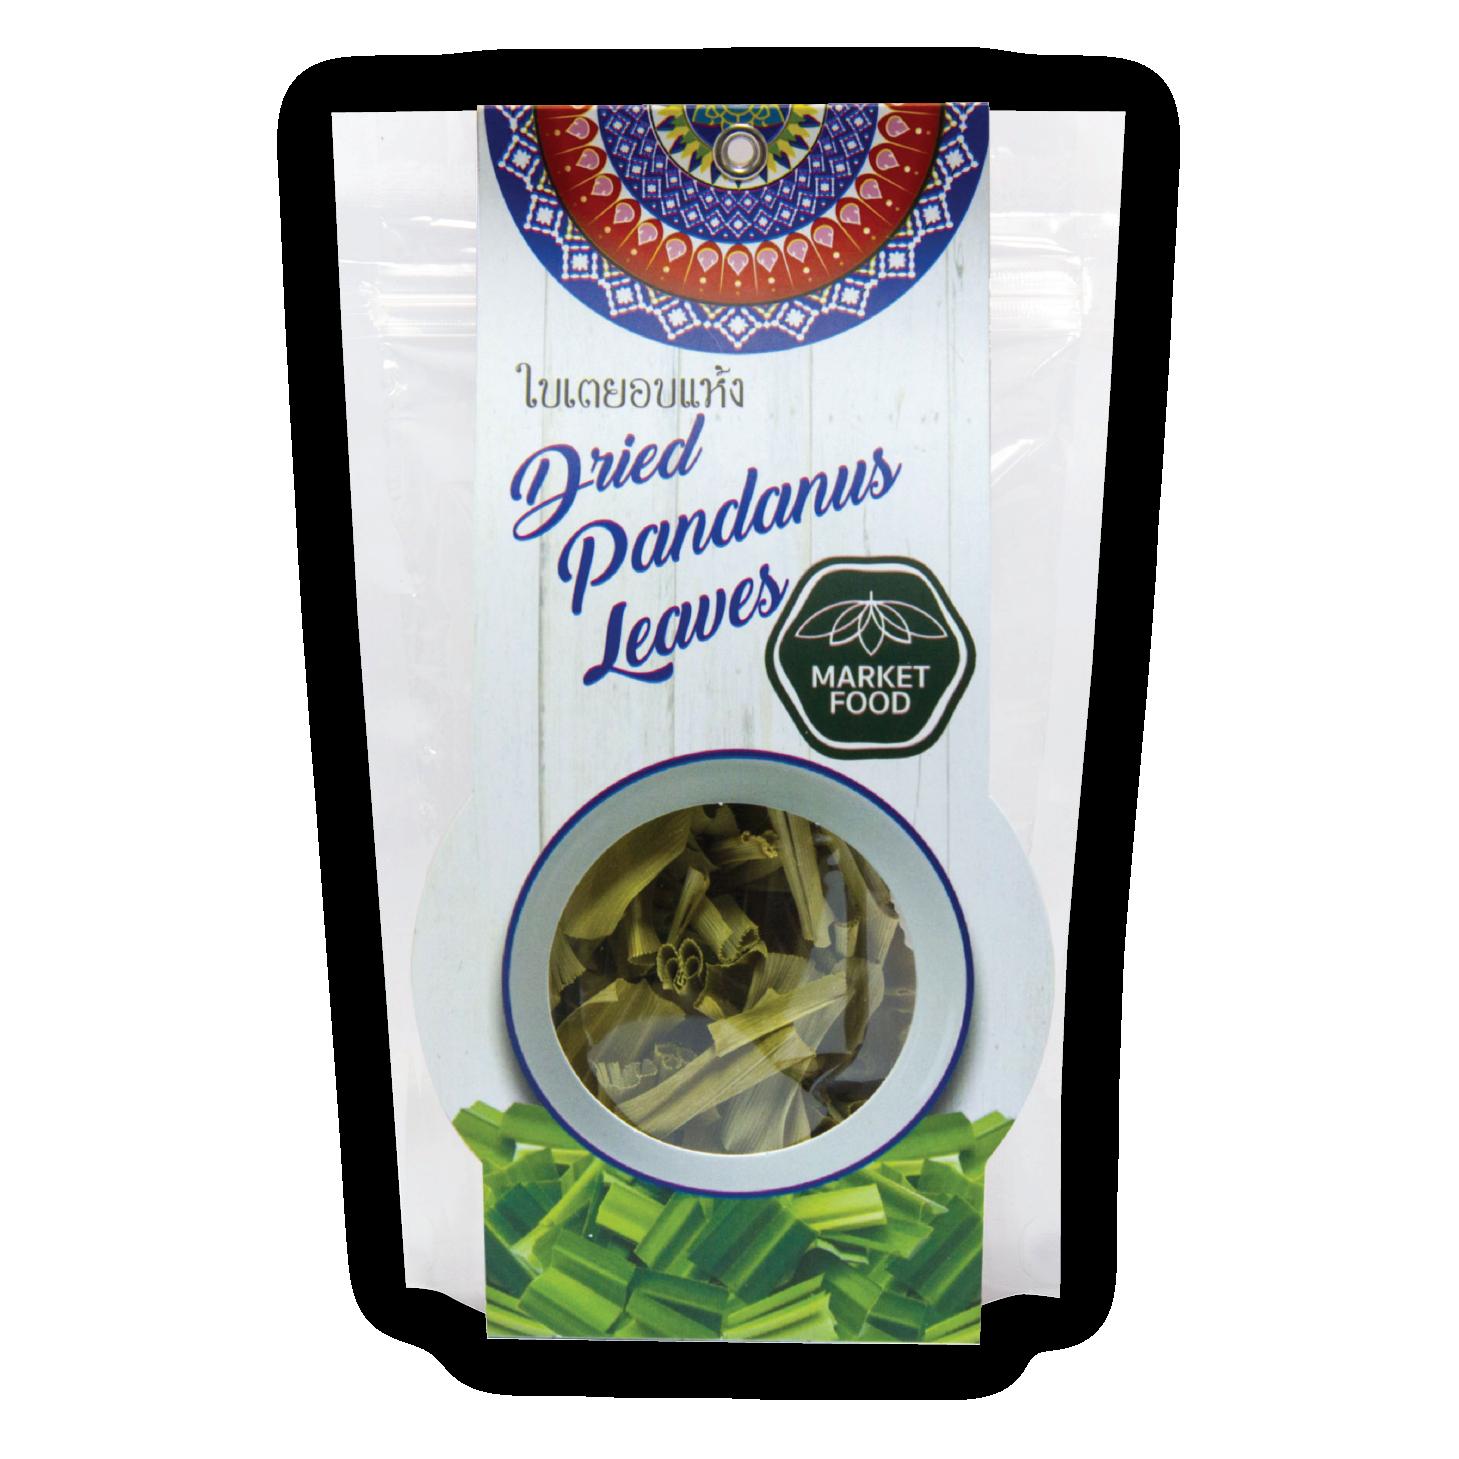 Dried Pandanus Leaves